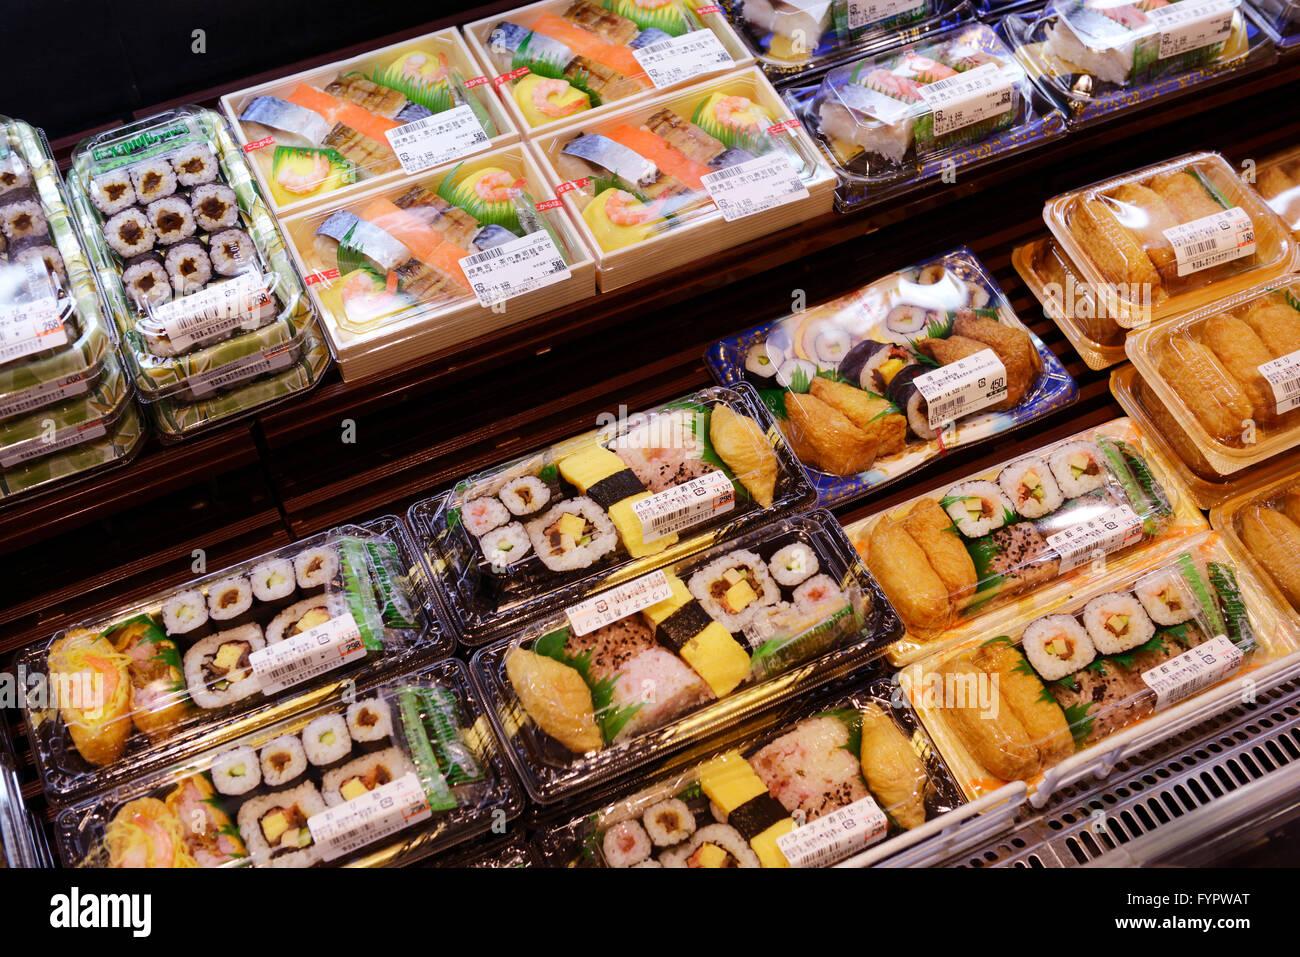 Les rouleaux de sushi, d'acheter des aliments dans un supermarché japonais, Tokyo, Japon Photo Stock